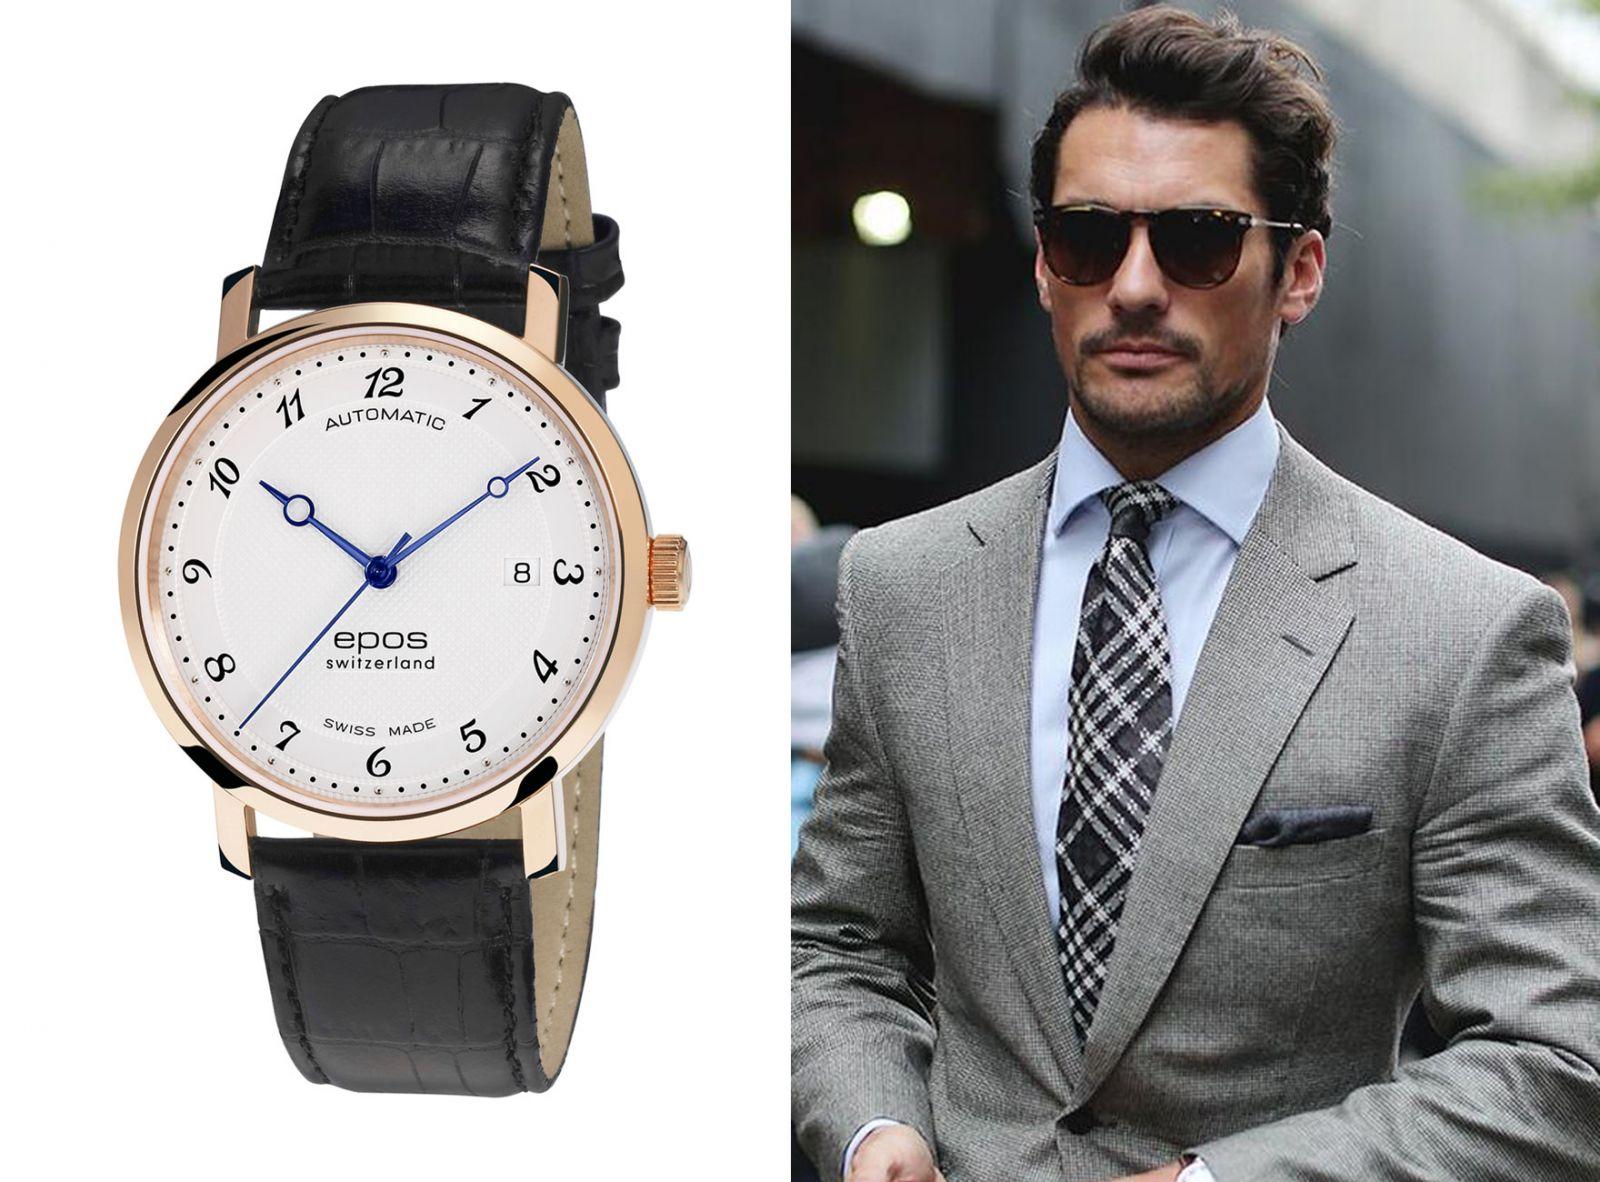 Tư vấn chọn mua đồng hồ phù hợp với phong cách công sở